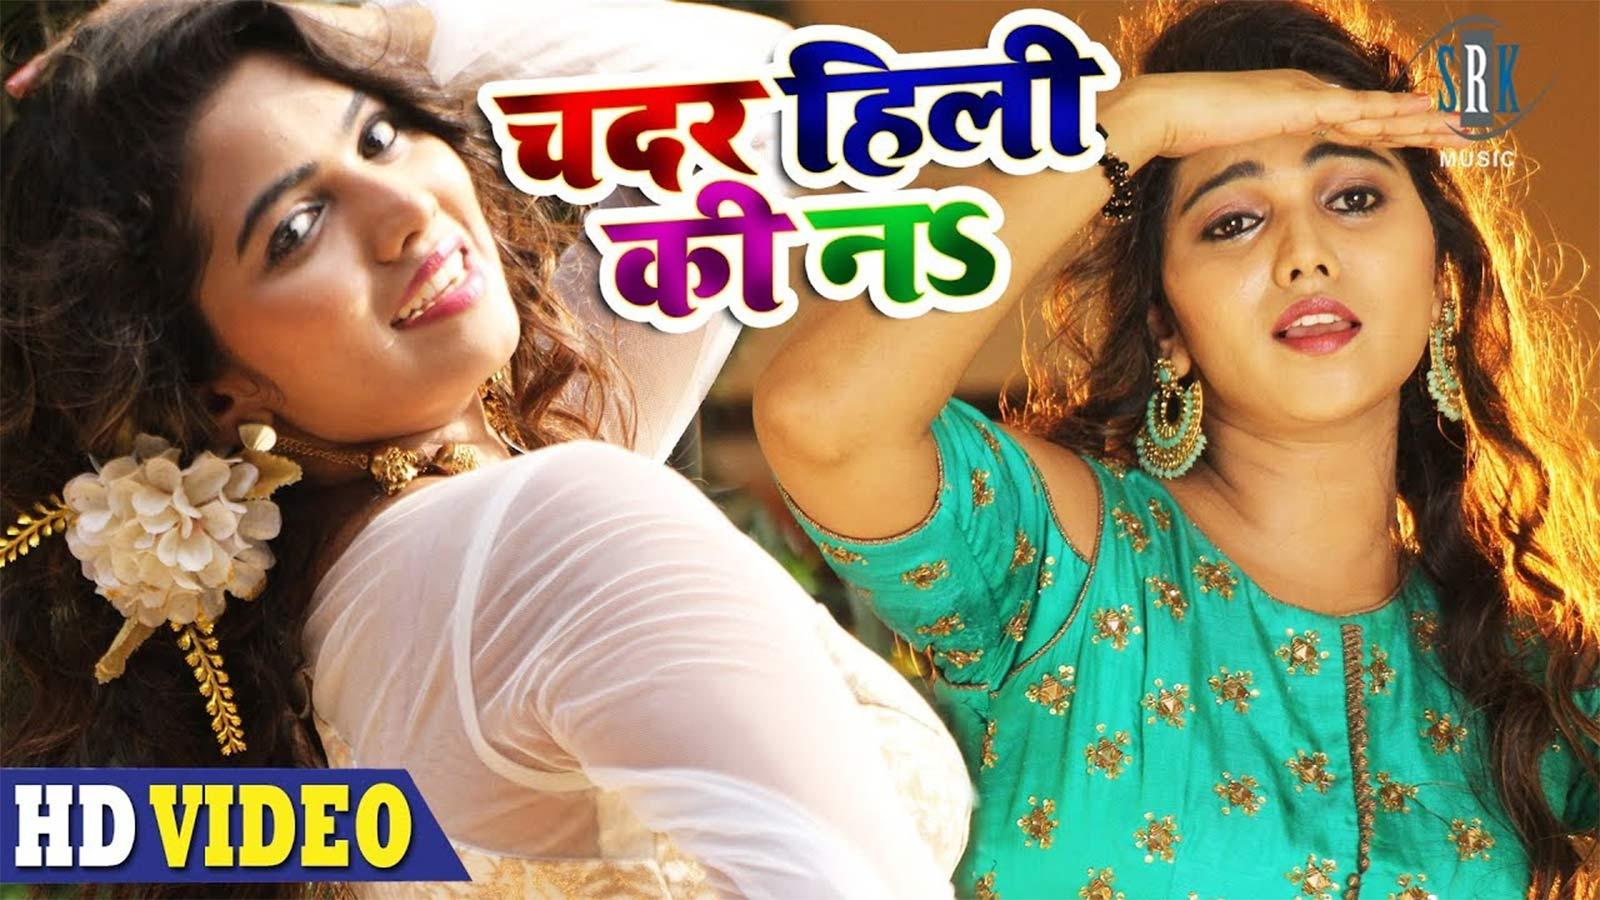 Bhojpuri Song 'Chadar Hili Ki Na' Sung By Pawan Singh And Indu Sonali